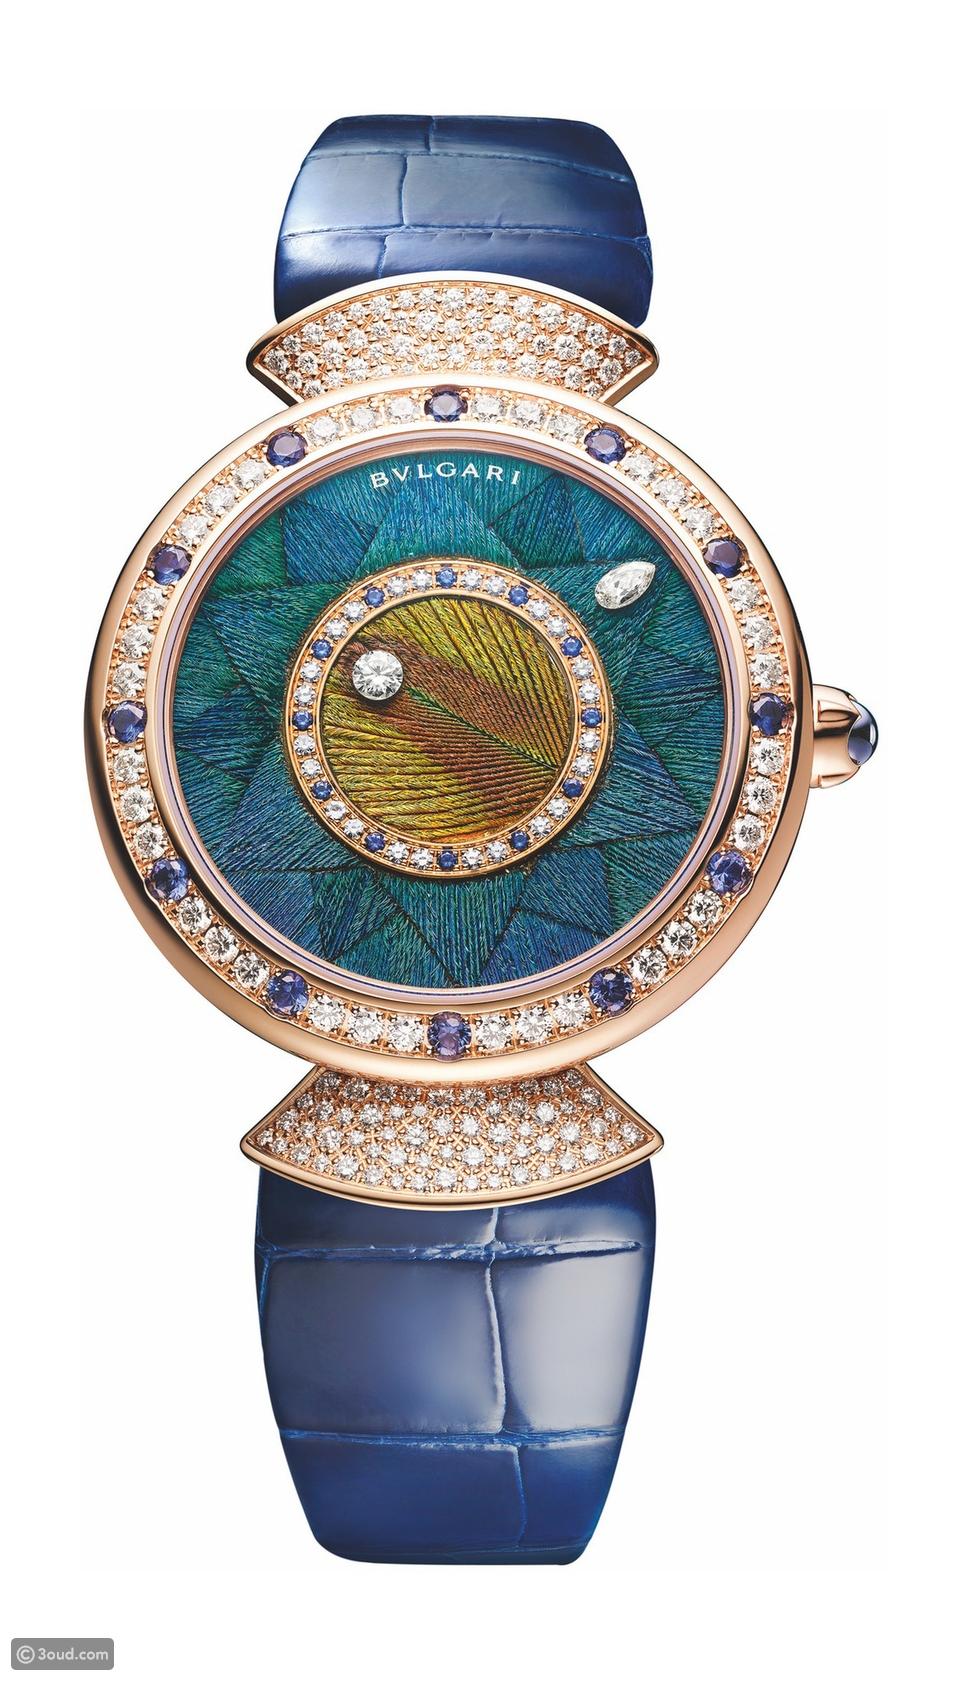 ساعة Divas' Dream Peacock Dischi من بولغاري